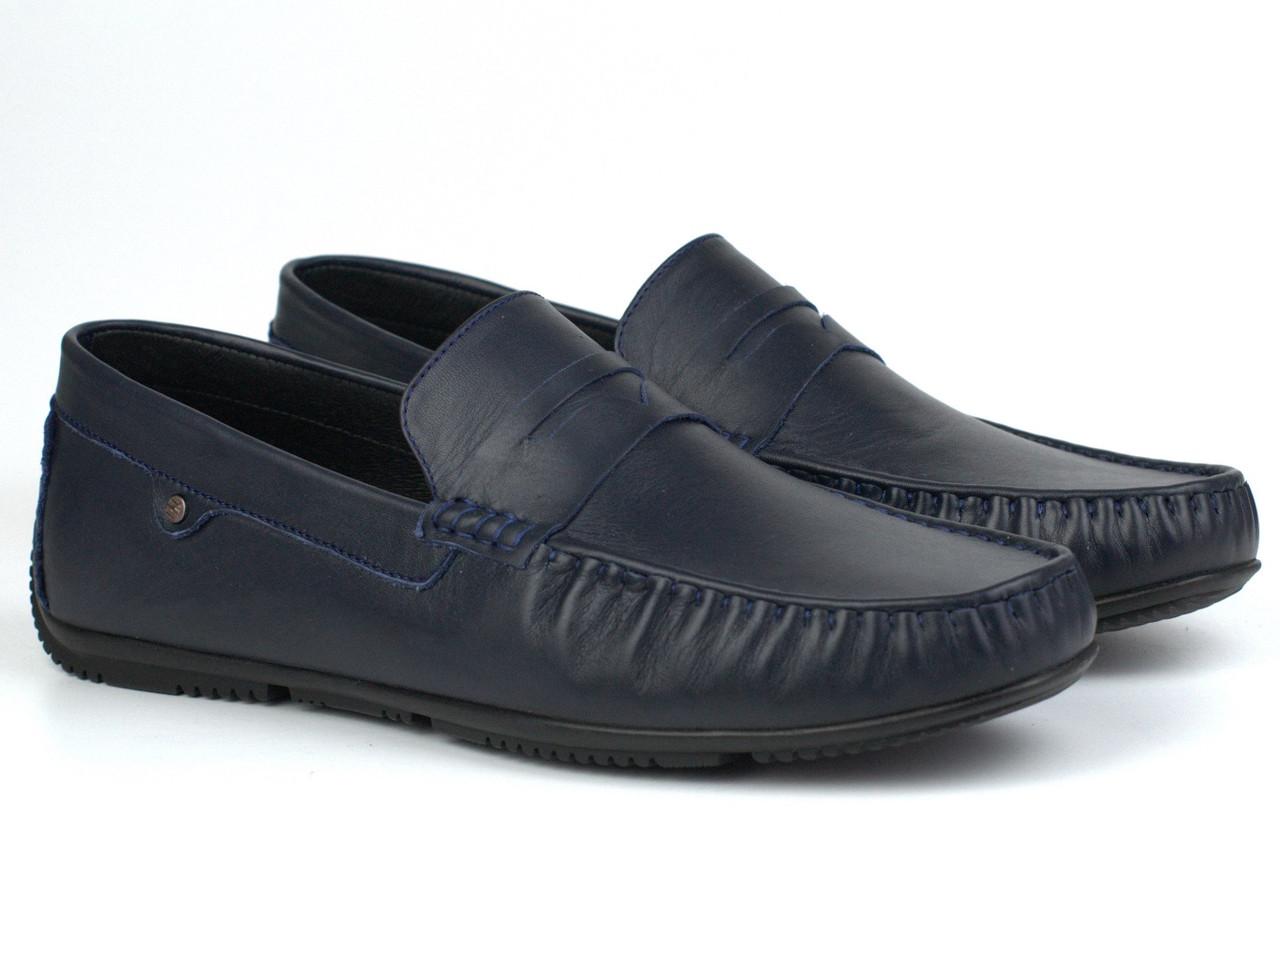 Мужская обувь больших размеров мокасины мужские кожаные синие ETHEREAL BS Classic Blu by Rosso Avangard